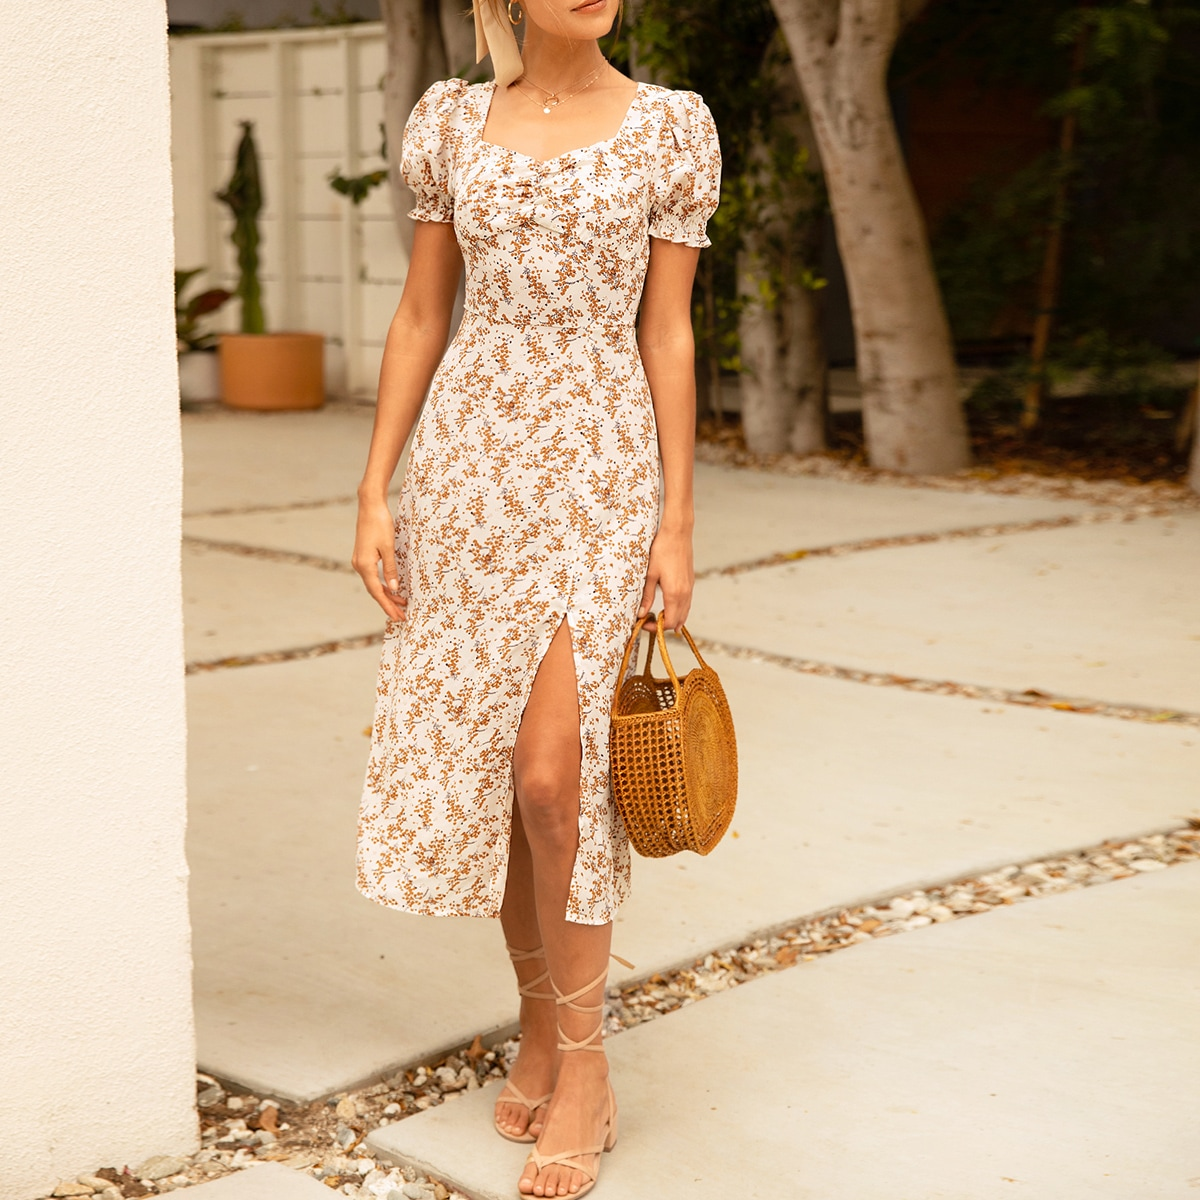 Цветочное платье с пышными рукавами и разрезом